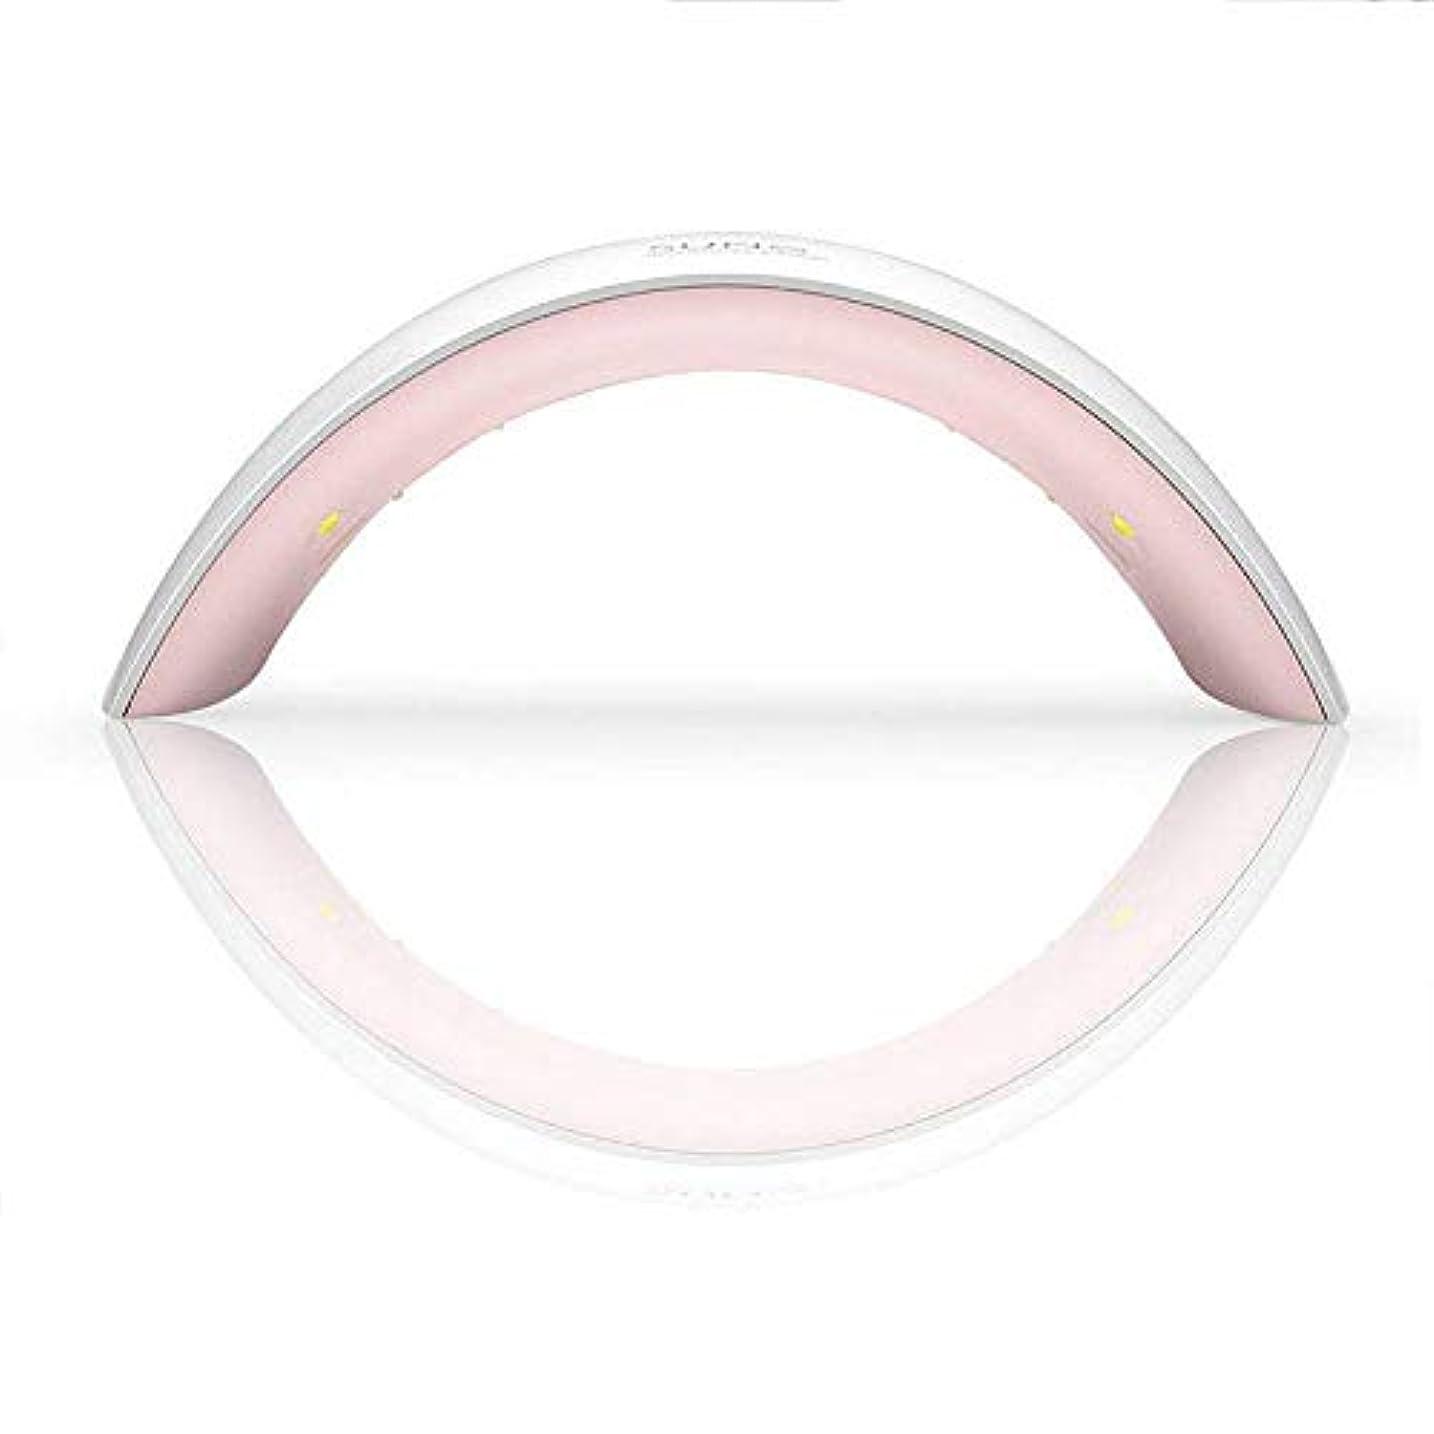 感謝祭バーマドラメプロの手ネイルマシン24ワットサン誘導ネイル光線療法機スマートネイル光線療法ランプ、ホワイト (Color : White)